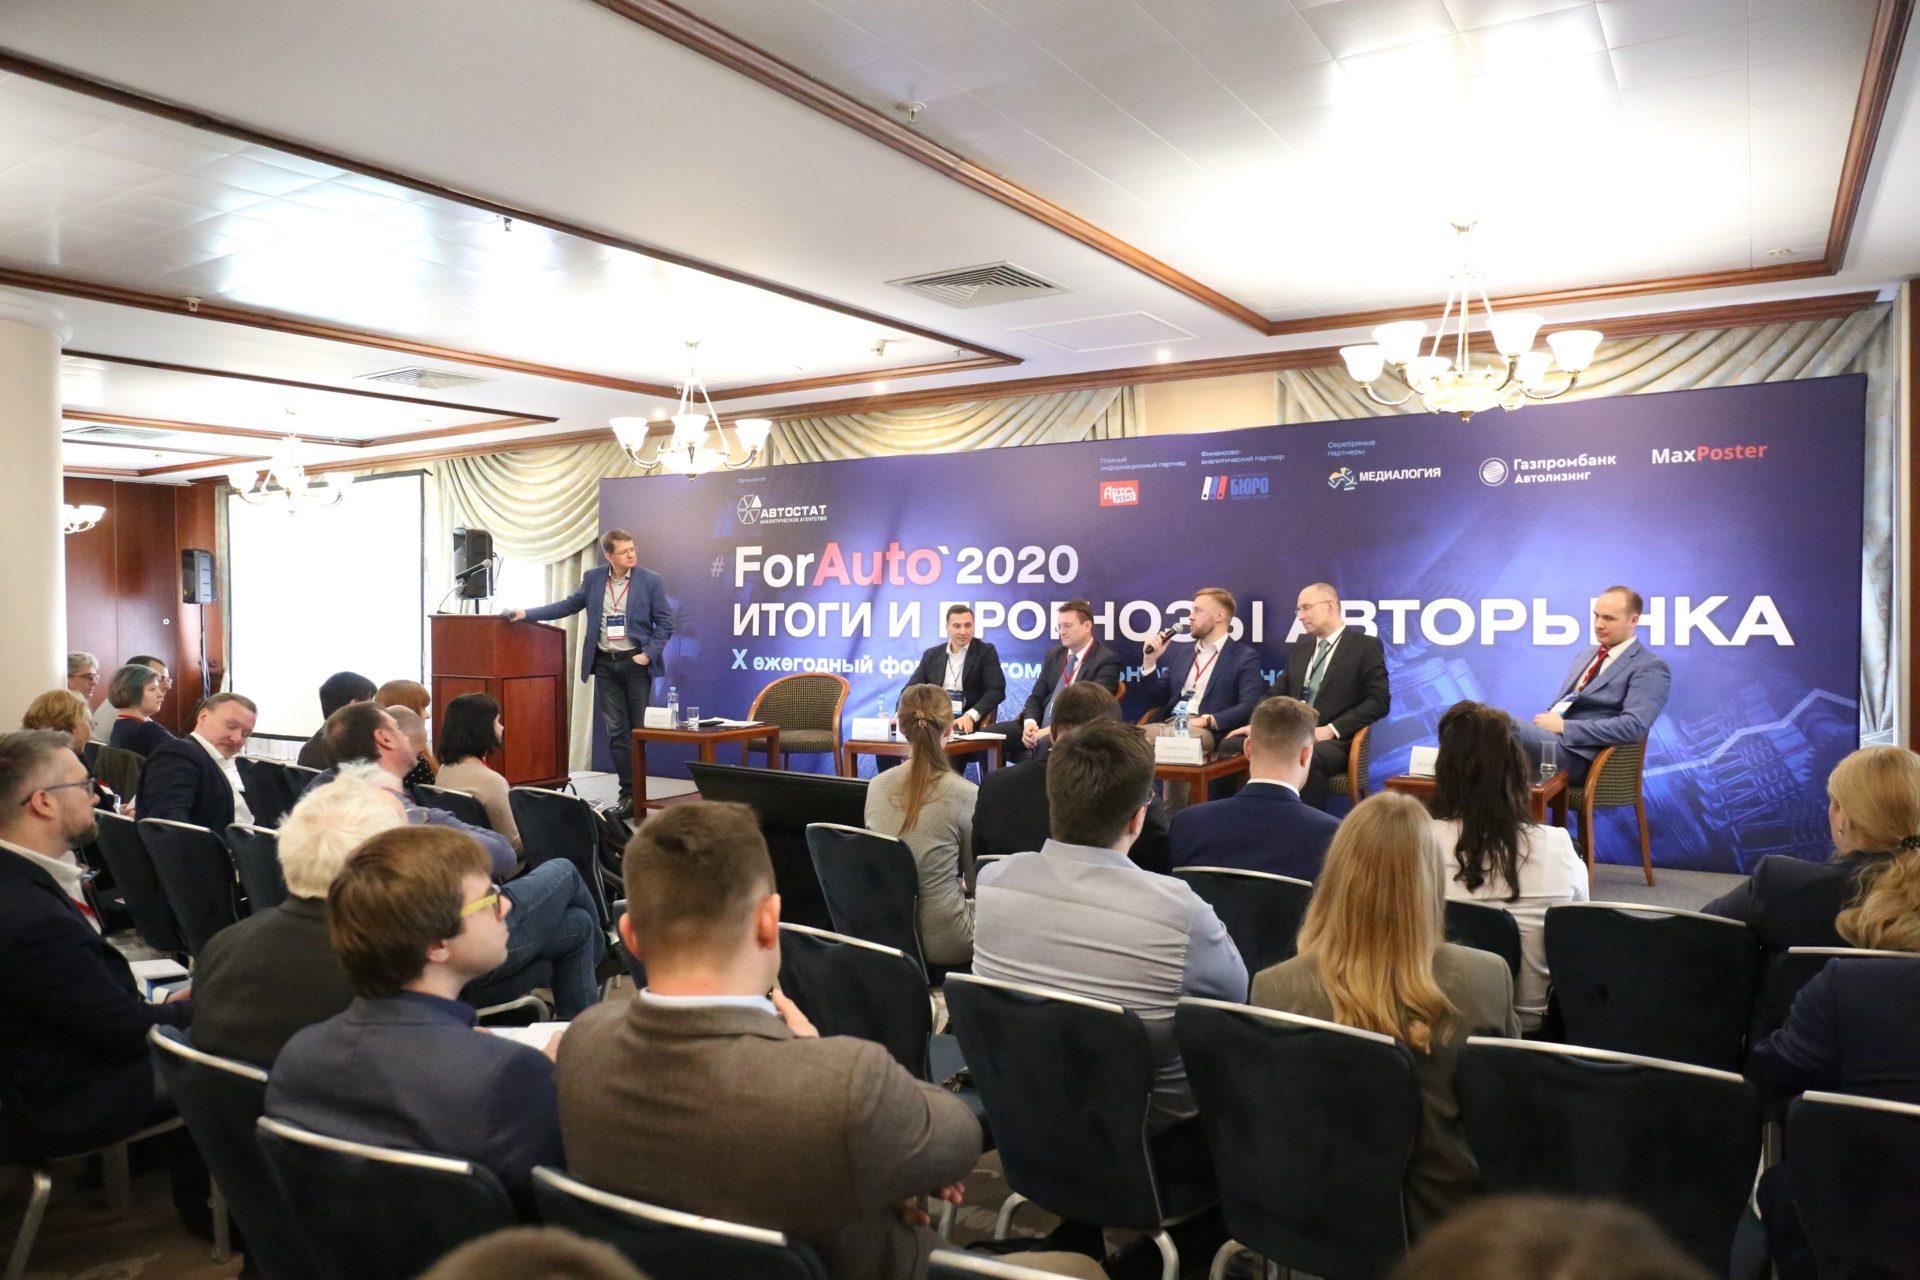 Форум автобизнеса «ForAuto – 2020»: итоги и прогнозы российского авторынка